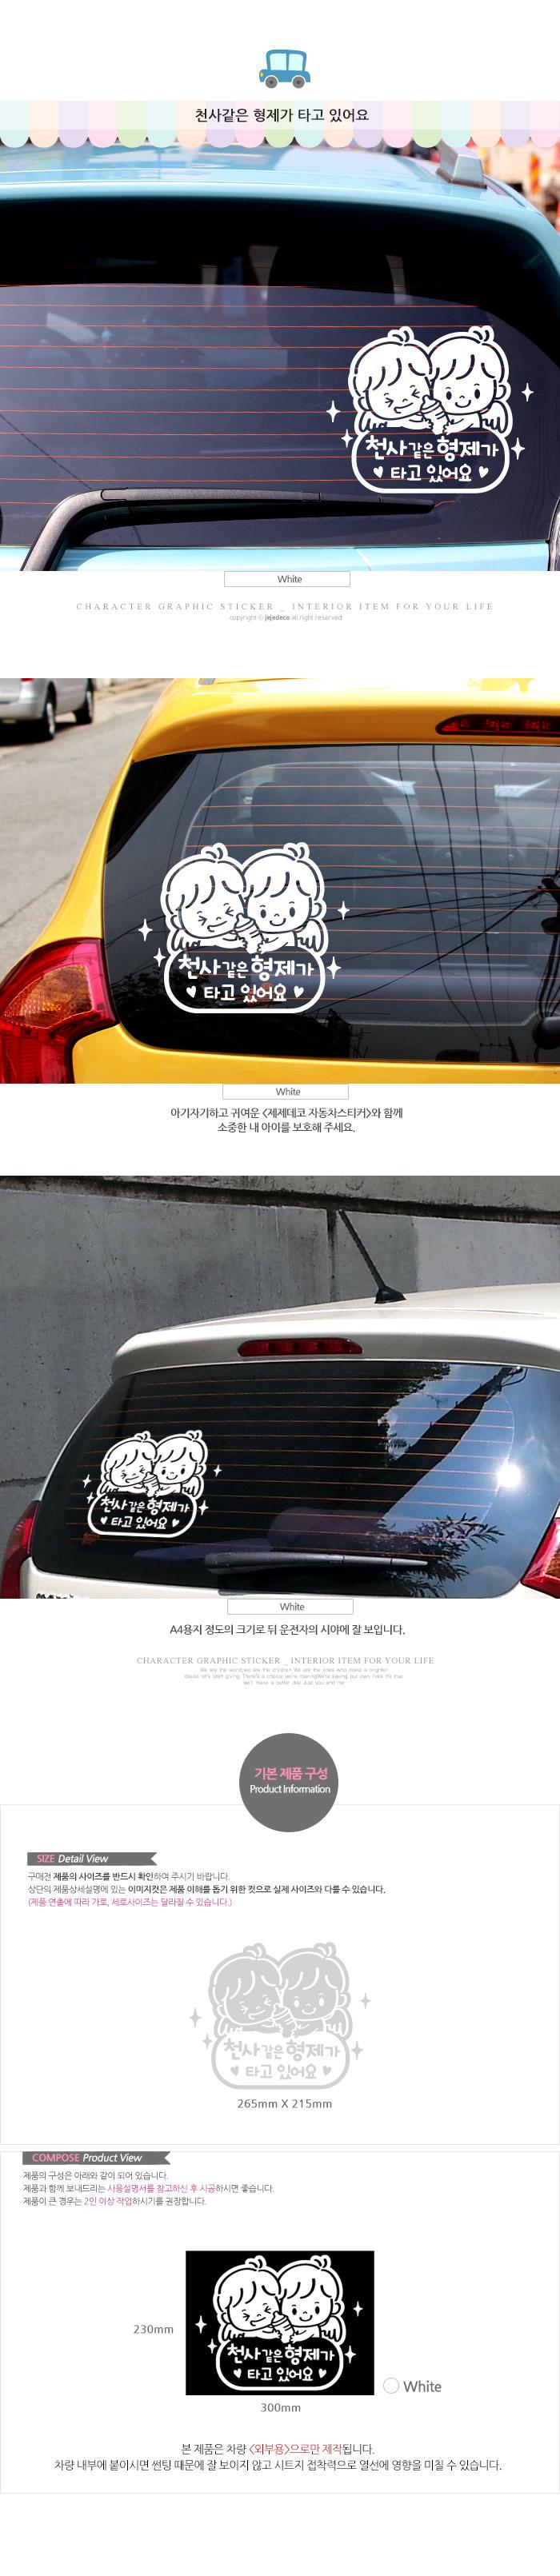 천사같은 형제가 타고 있어요 (아기가타고있어요 자동차스티커) - 제제데코, 5,200원, 자동차 스티커, 초보운전/아기탑승/주차 스티커